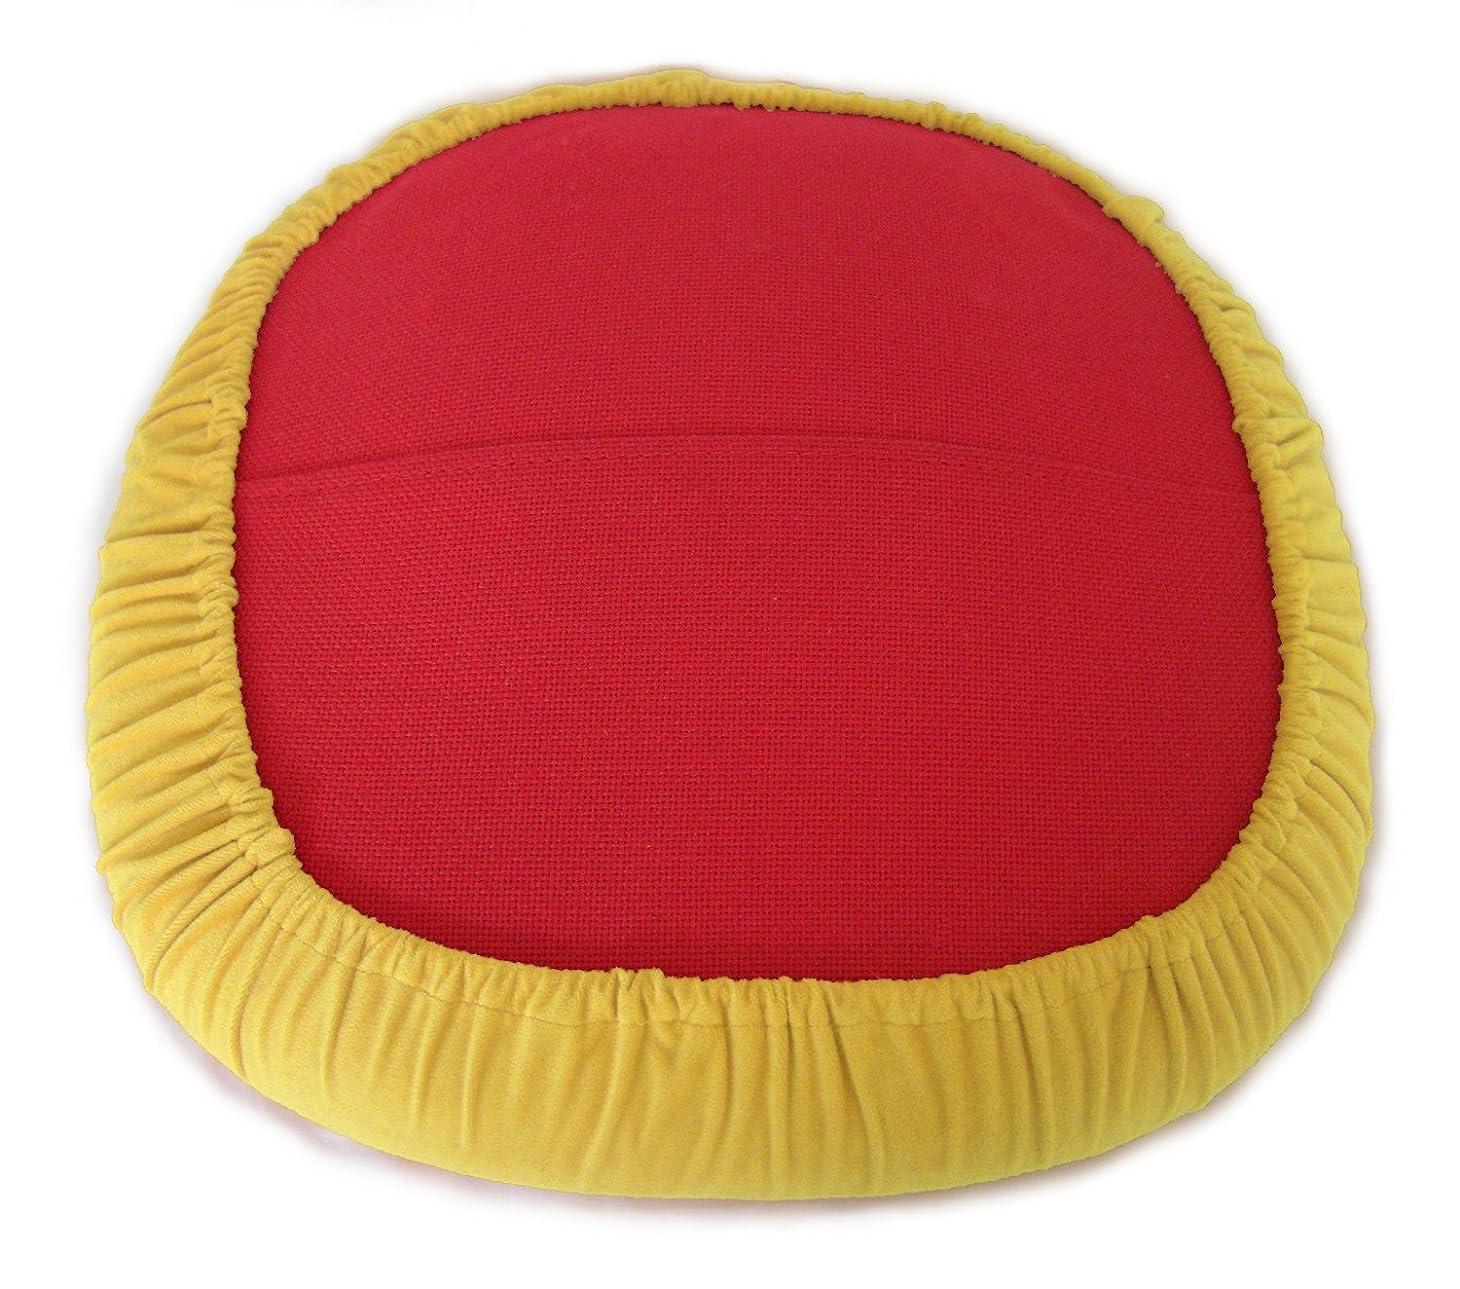 工夫する知らせるフェザースリップオンクッションカバーfor Saarinen Tulip Side Chair (イエロー)